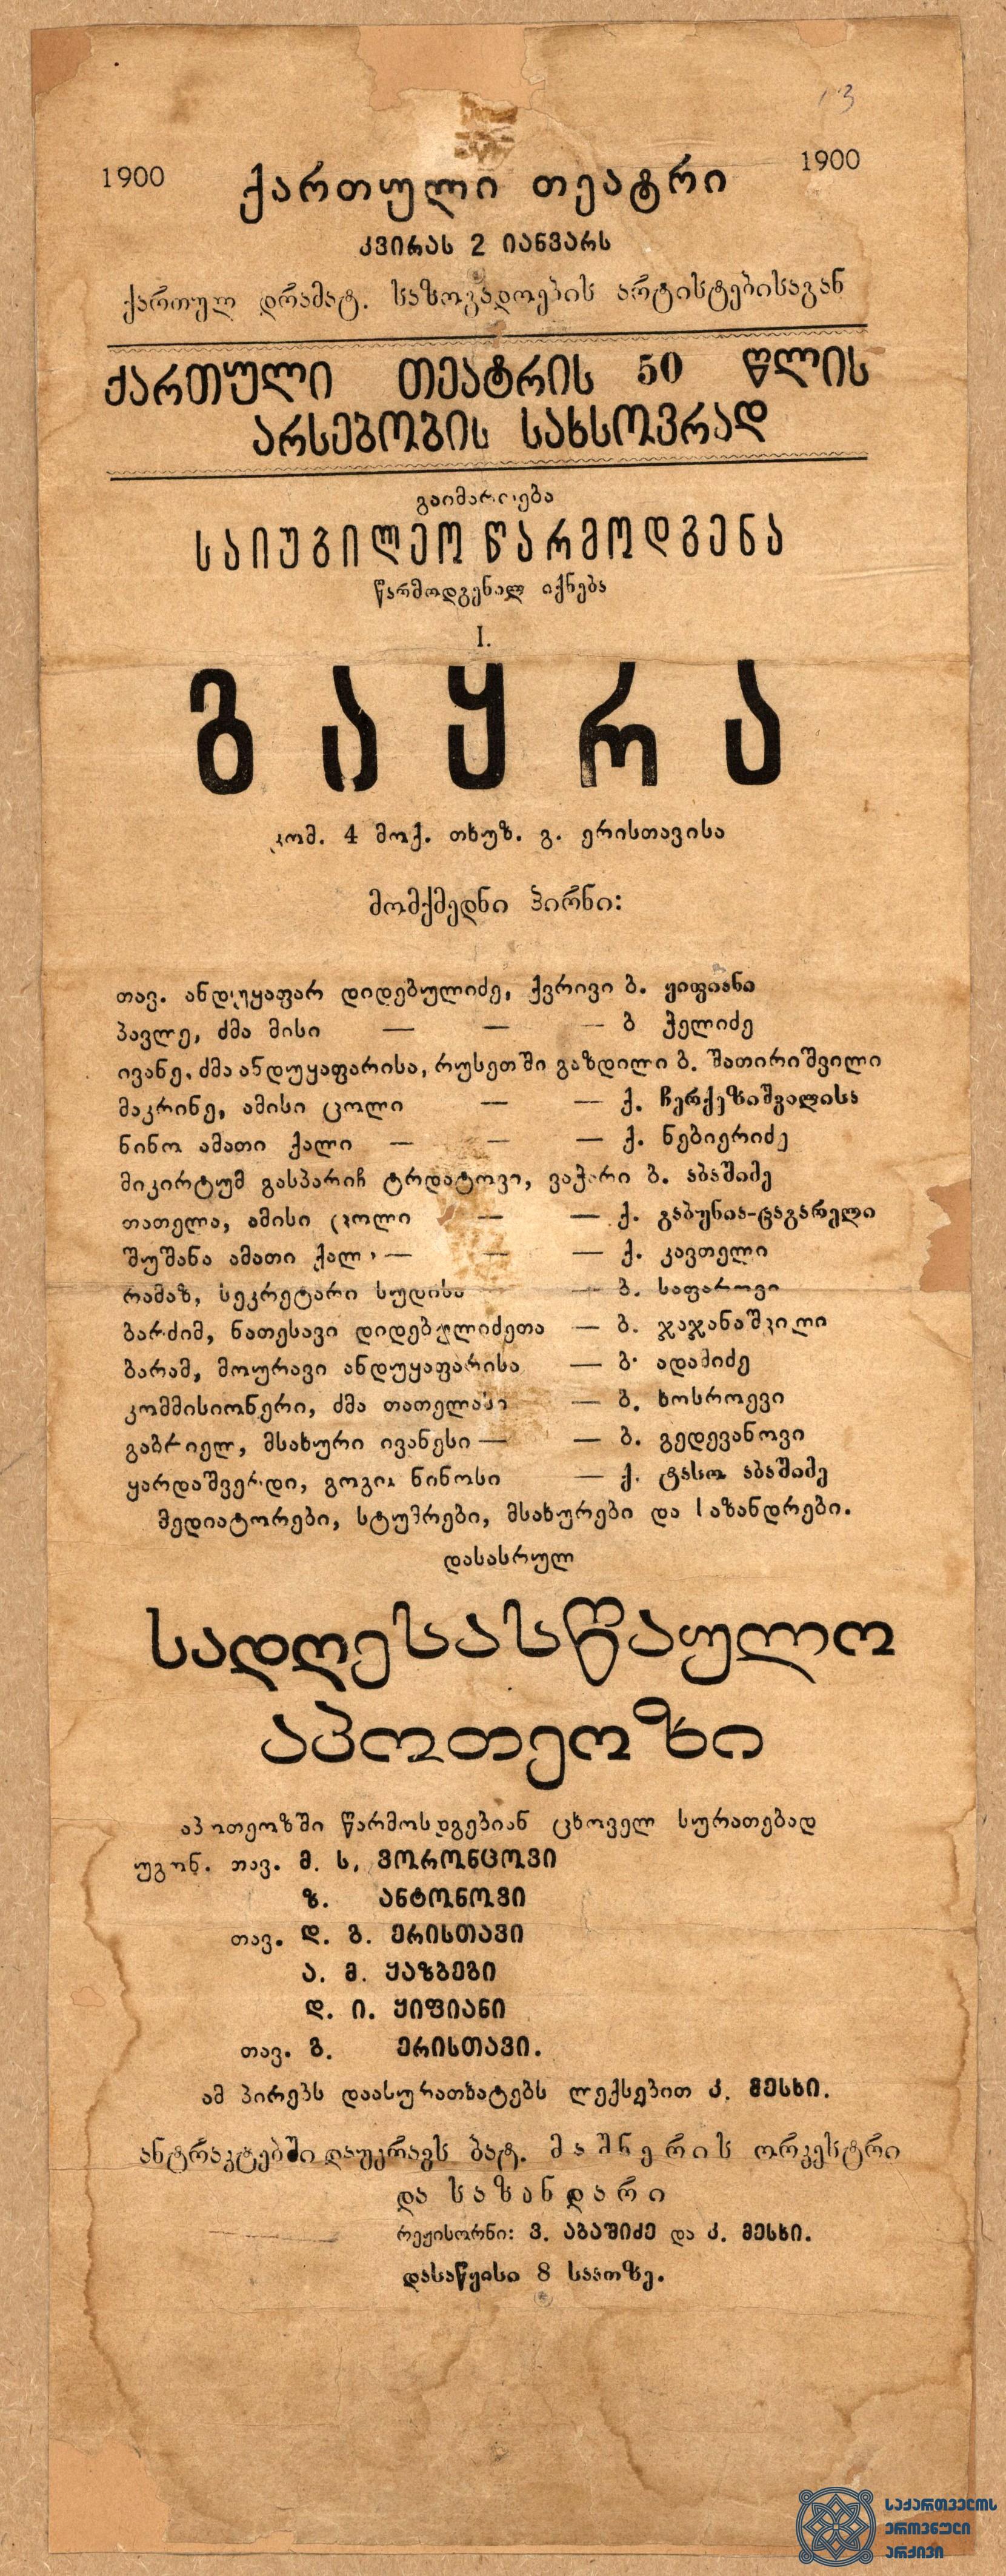 """ქართული დრამატული საზოგადოების დასის საიუბილეო წარმოდგენა """"გაყრა"""", ქართული თეატრის დაარსებიდან 50 წლის აღსანიშნავად. <br> 1900 წლის 2 იანვარი.<br> The Georgian Drama Society troupe nniversary performance """"Gakra"""" (""""Separation"""") to celebrate the 50th anniversary of the Georgian Theater. <br> January 2, 1900."""